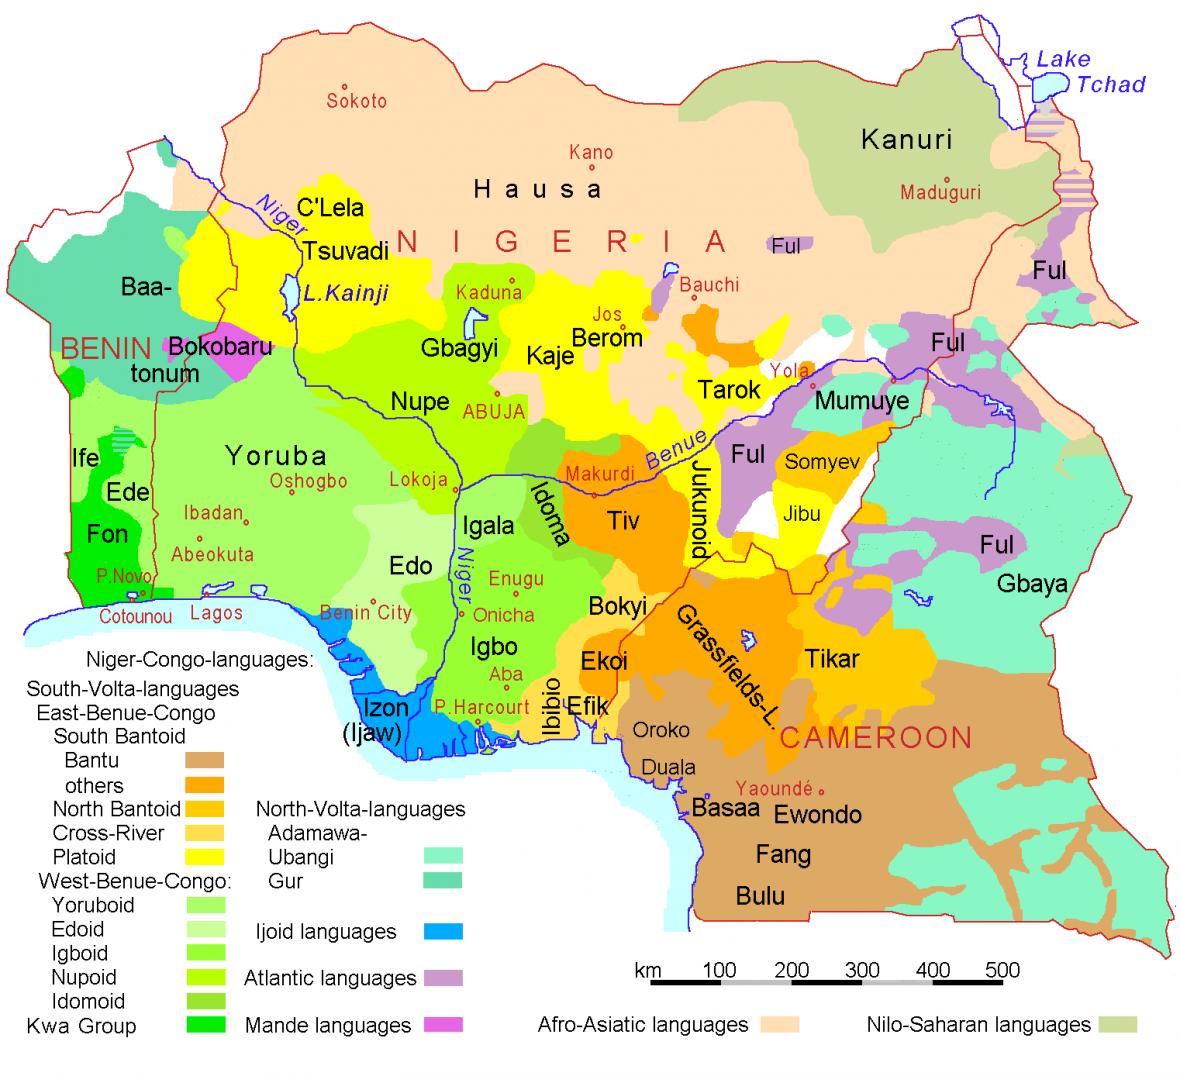 Jazyky a národy v Beninu, Nigérii a Kamerunu